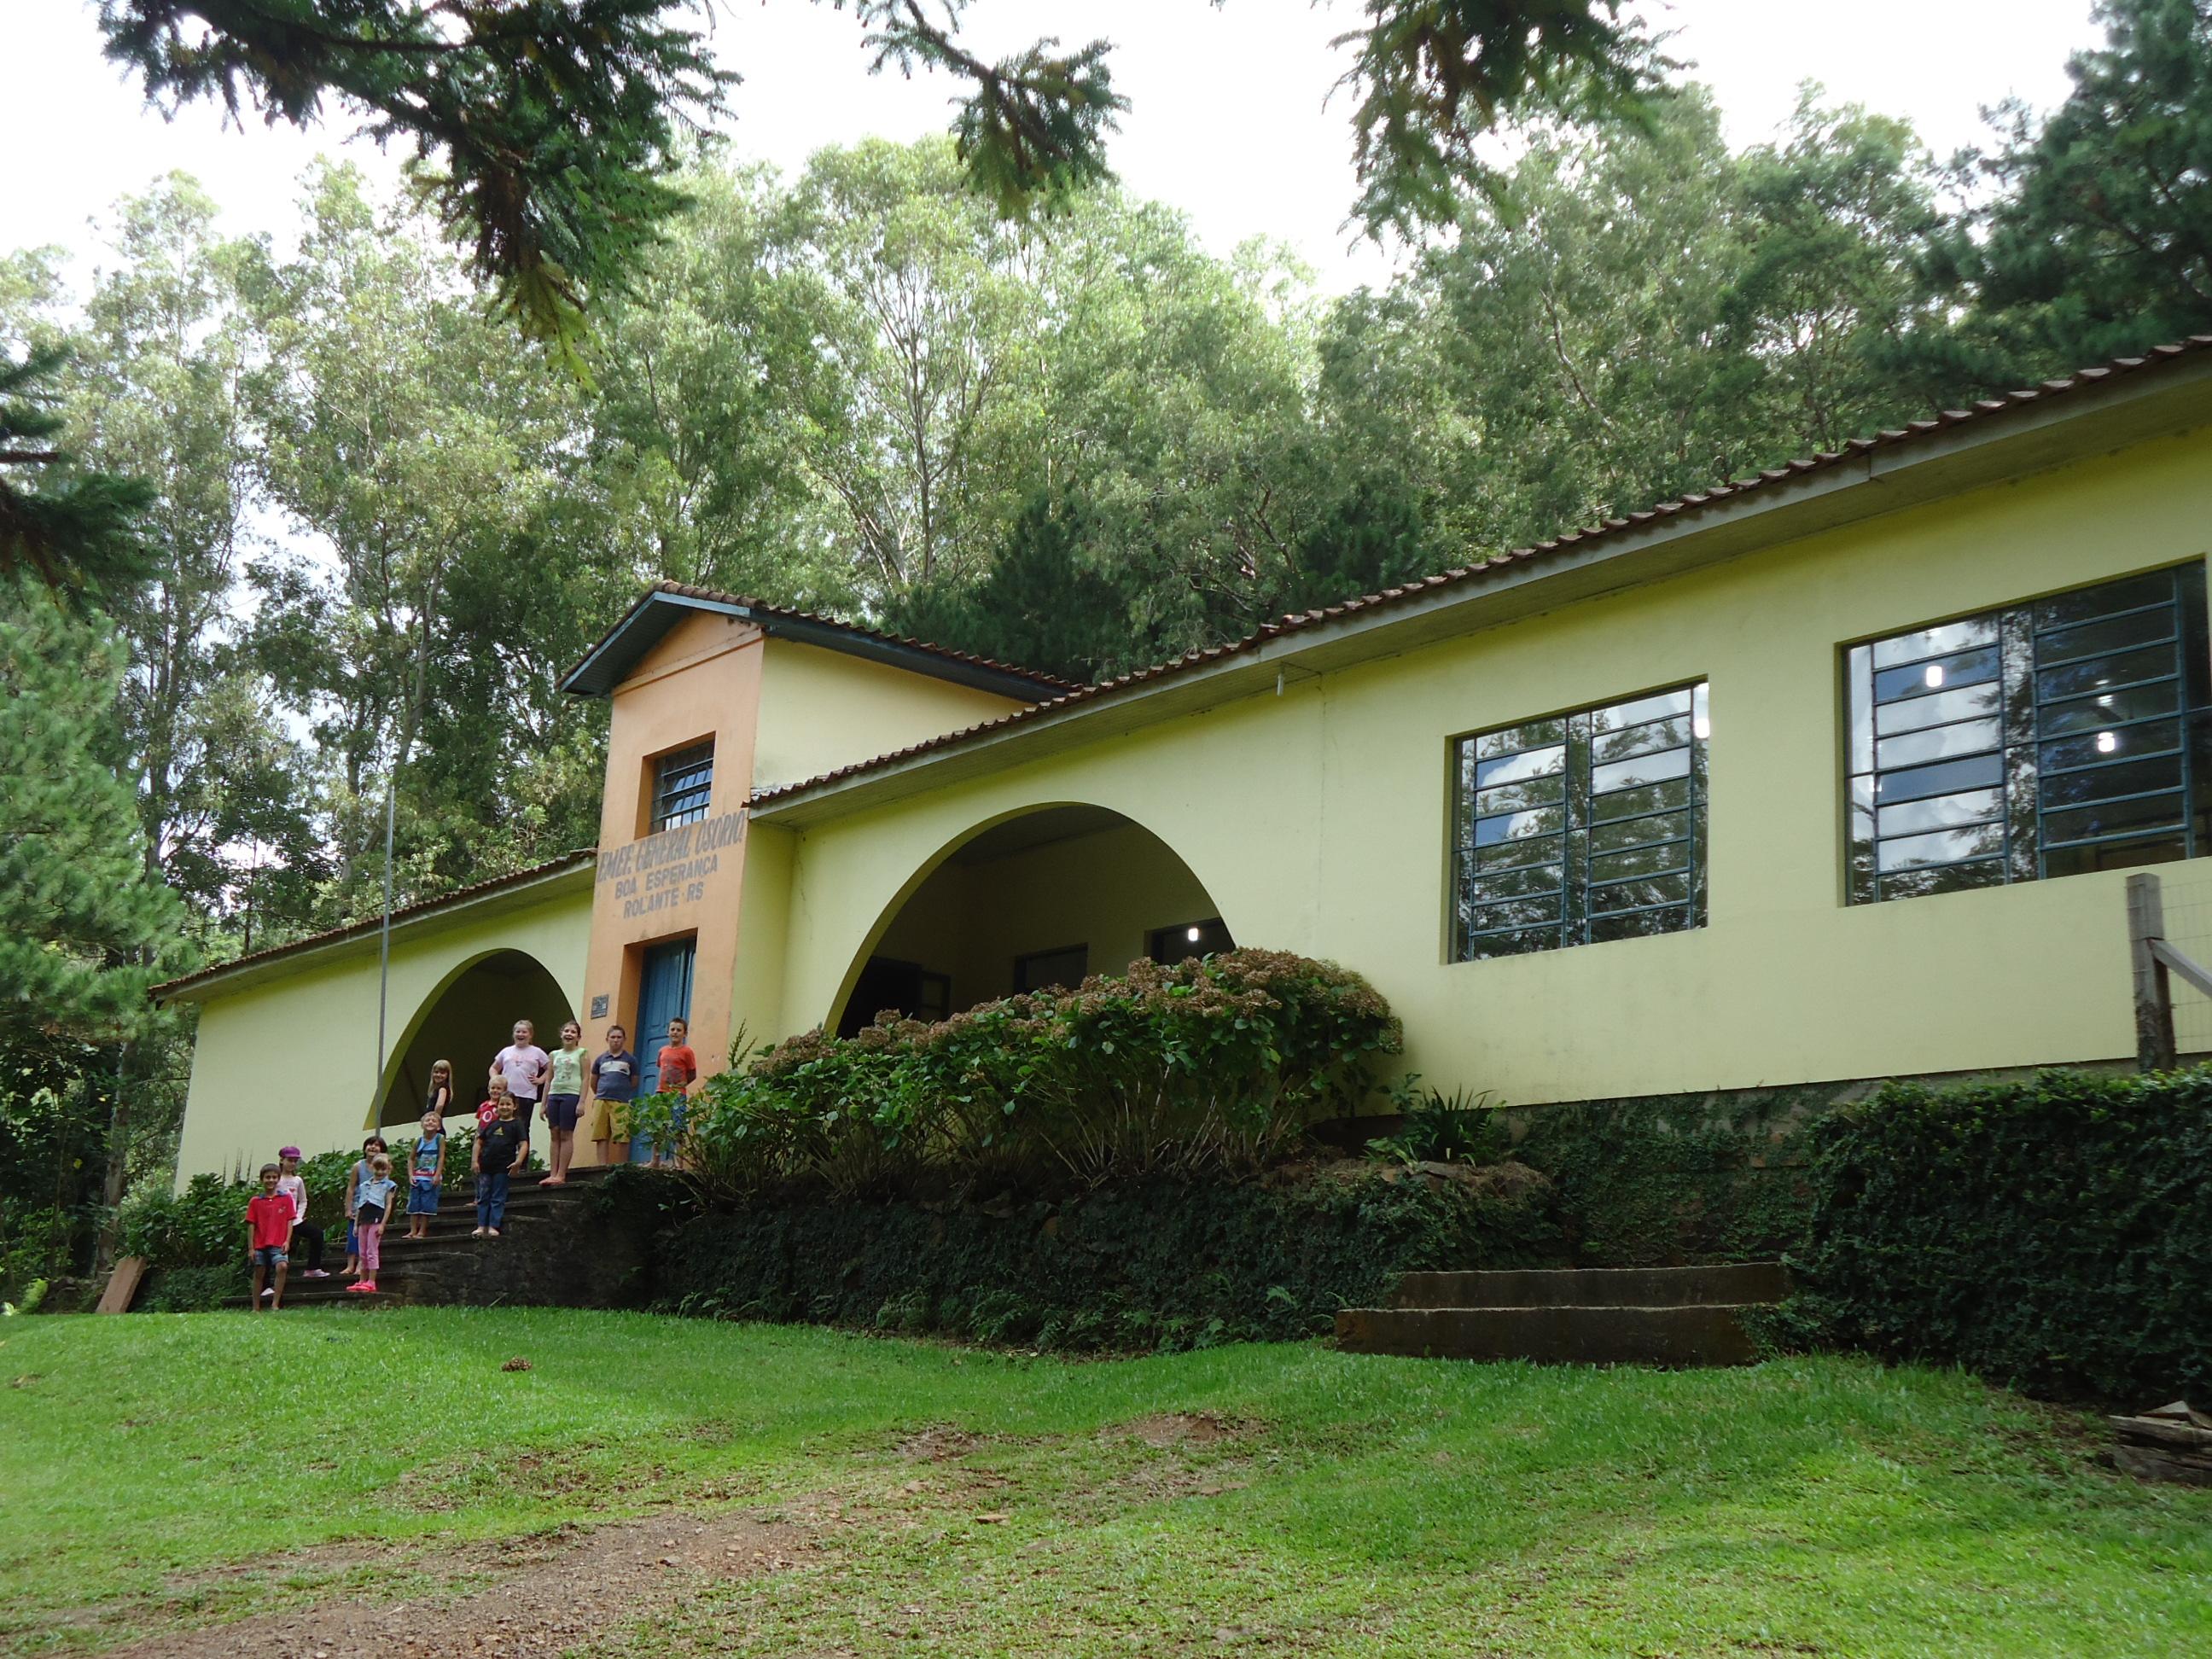 Escola General Osório